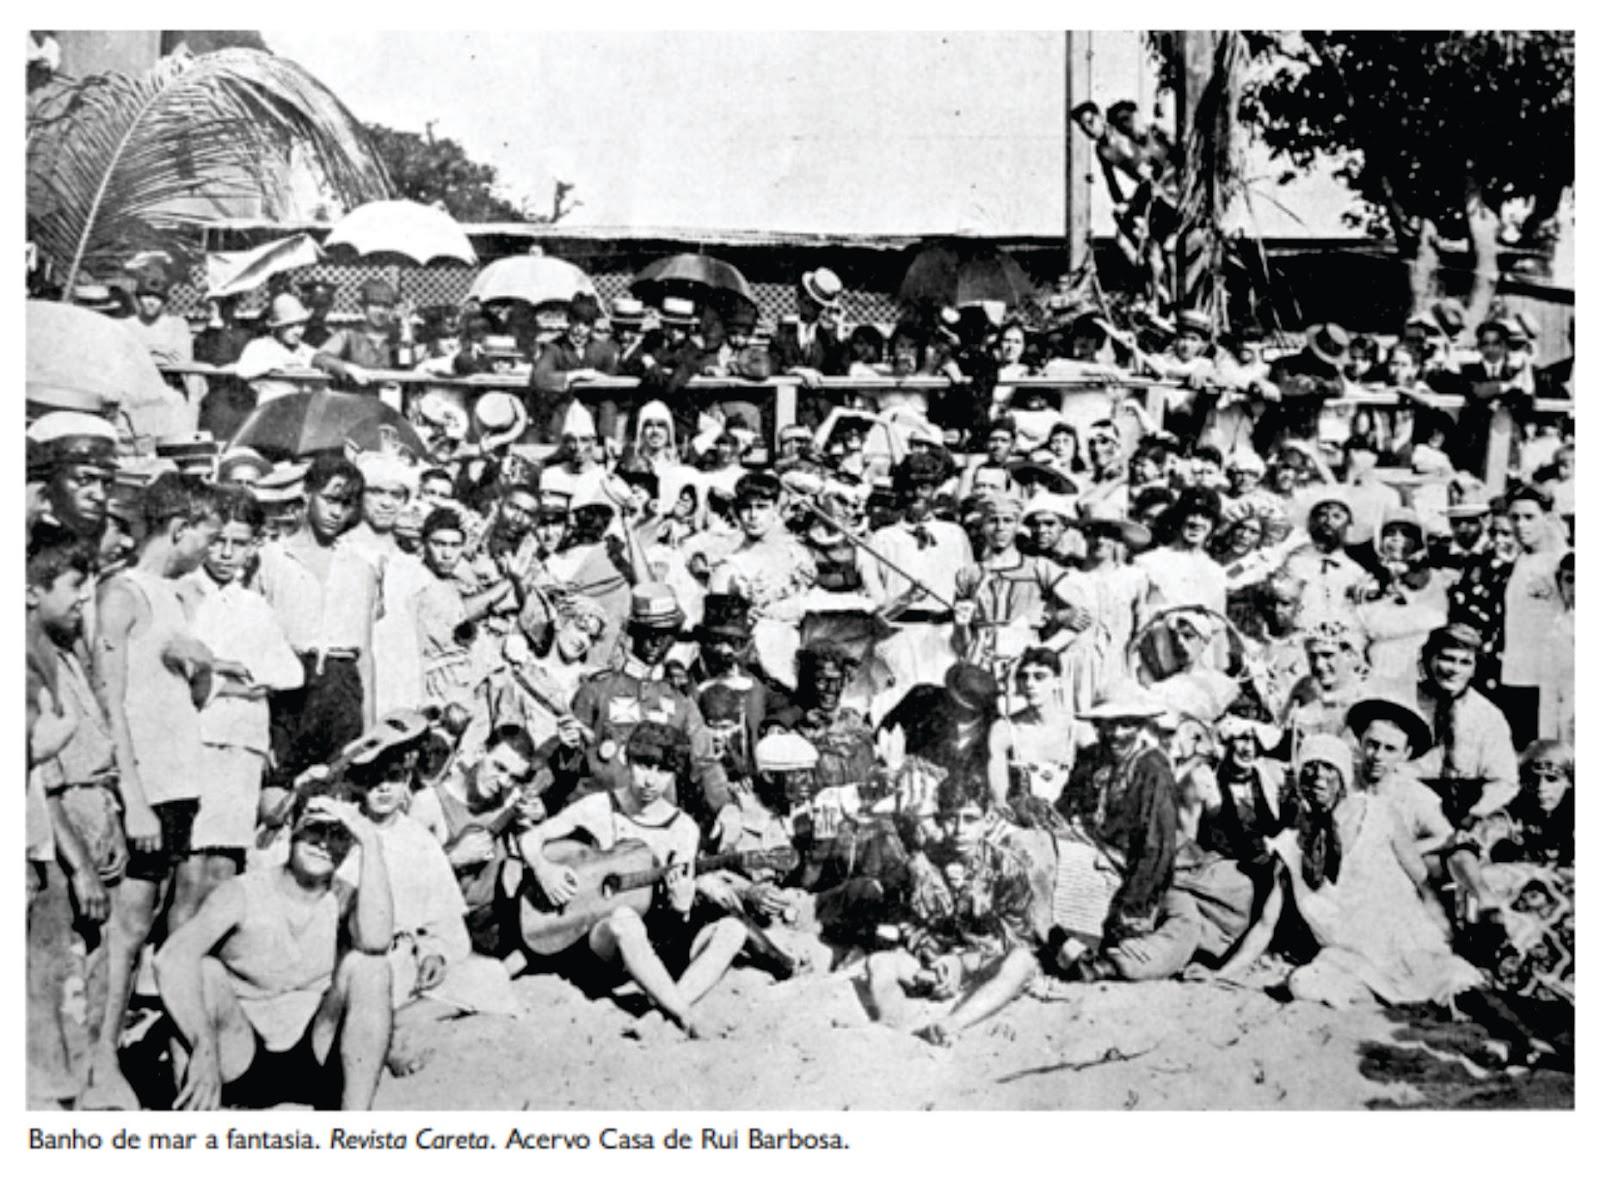 RIO... que mora no mar: O Carnaval de 1919... há 100 anos!